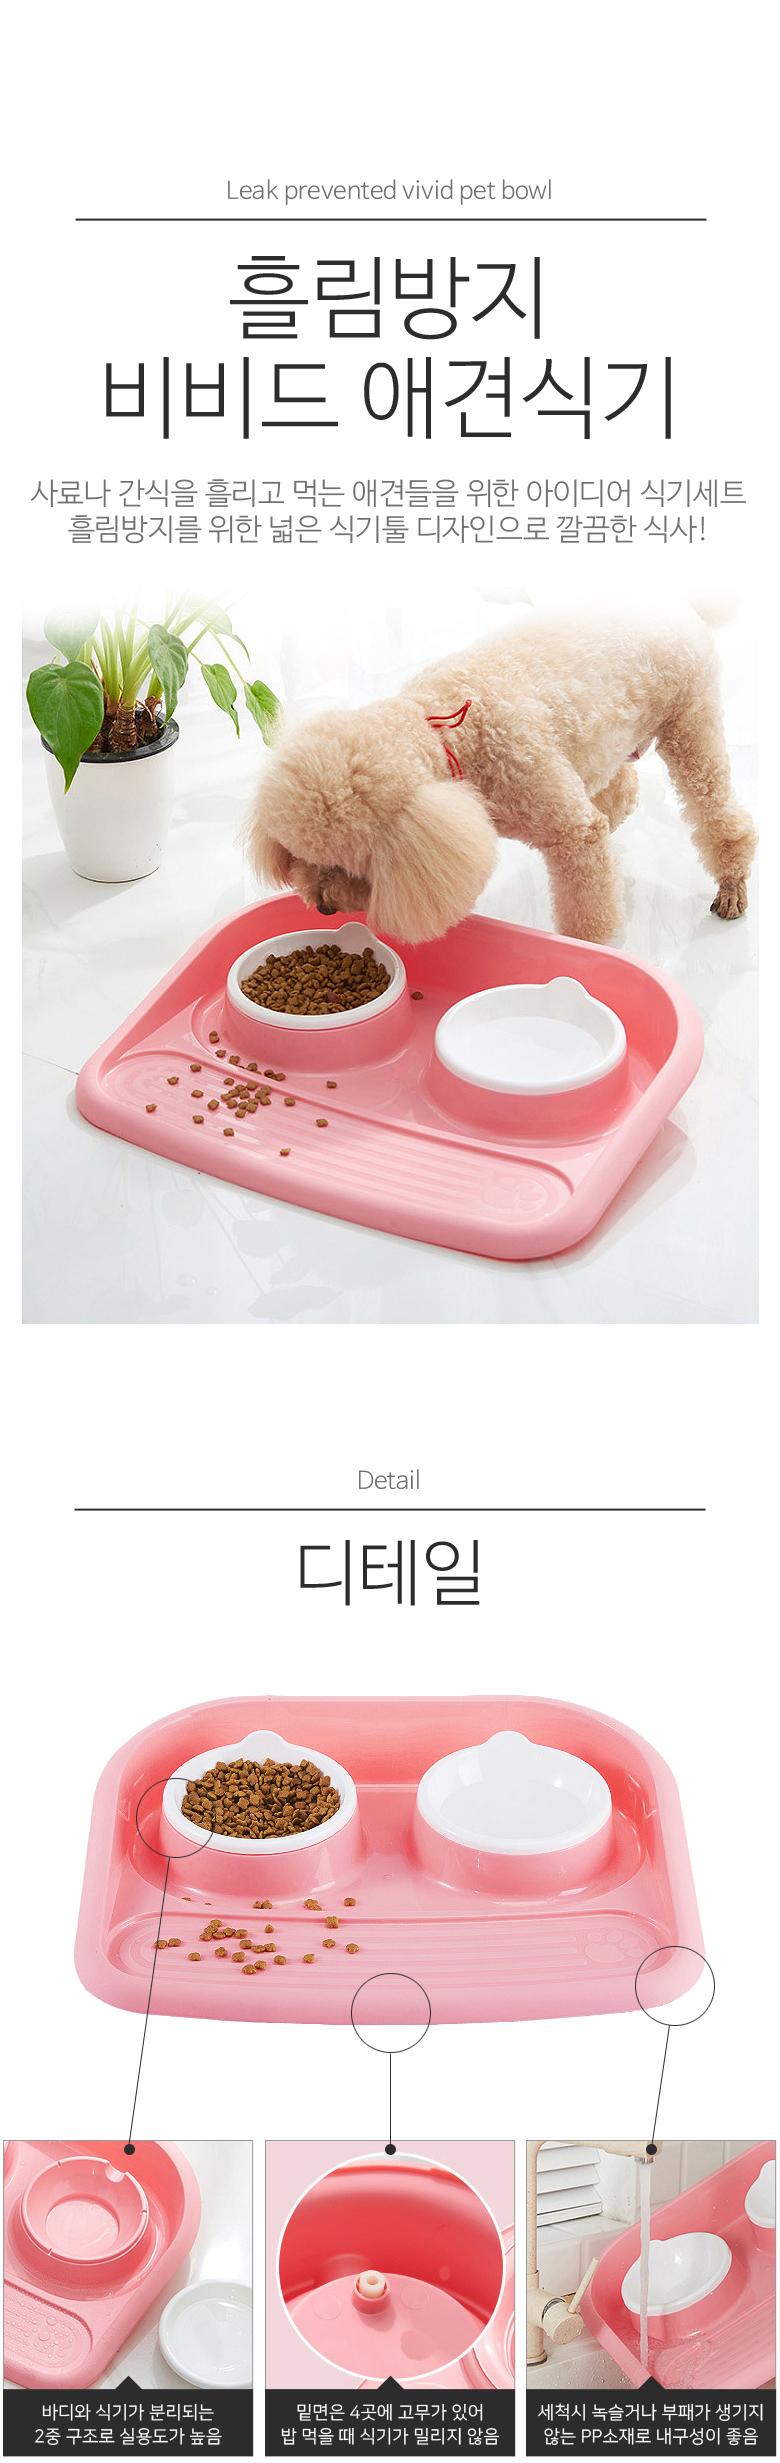 (떨이행사) 흘림방지 강아지 고양이 식기 밥그릇8,900원-제이라이프펫샵, 강아지용품, 하우스/식기/실내용품, 급식기바보사랑(떨이행사) 흘림방지 강아지 고양이 식기 밥그릇8,900원-제이라이프펫샵, 강아지용품, 하우스/식기/실내용품, 급식기바보사랑